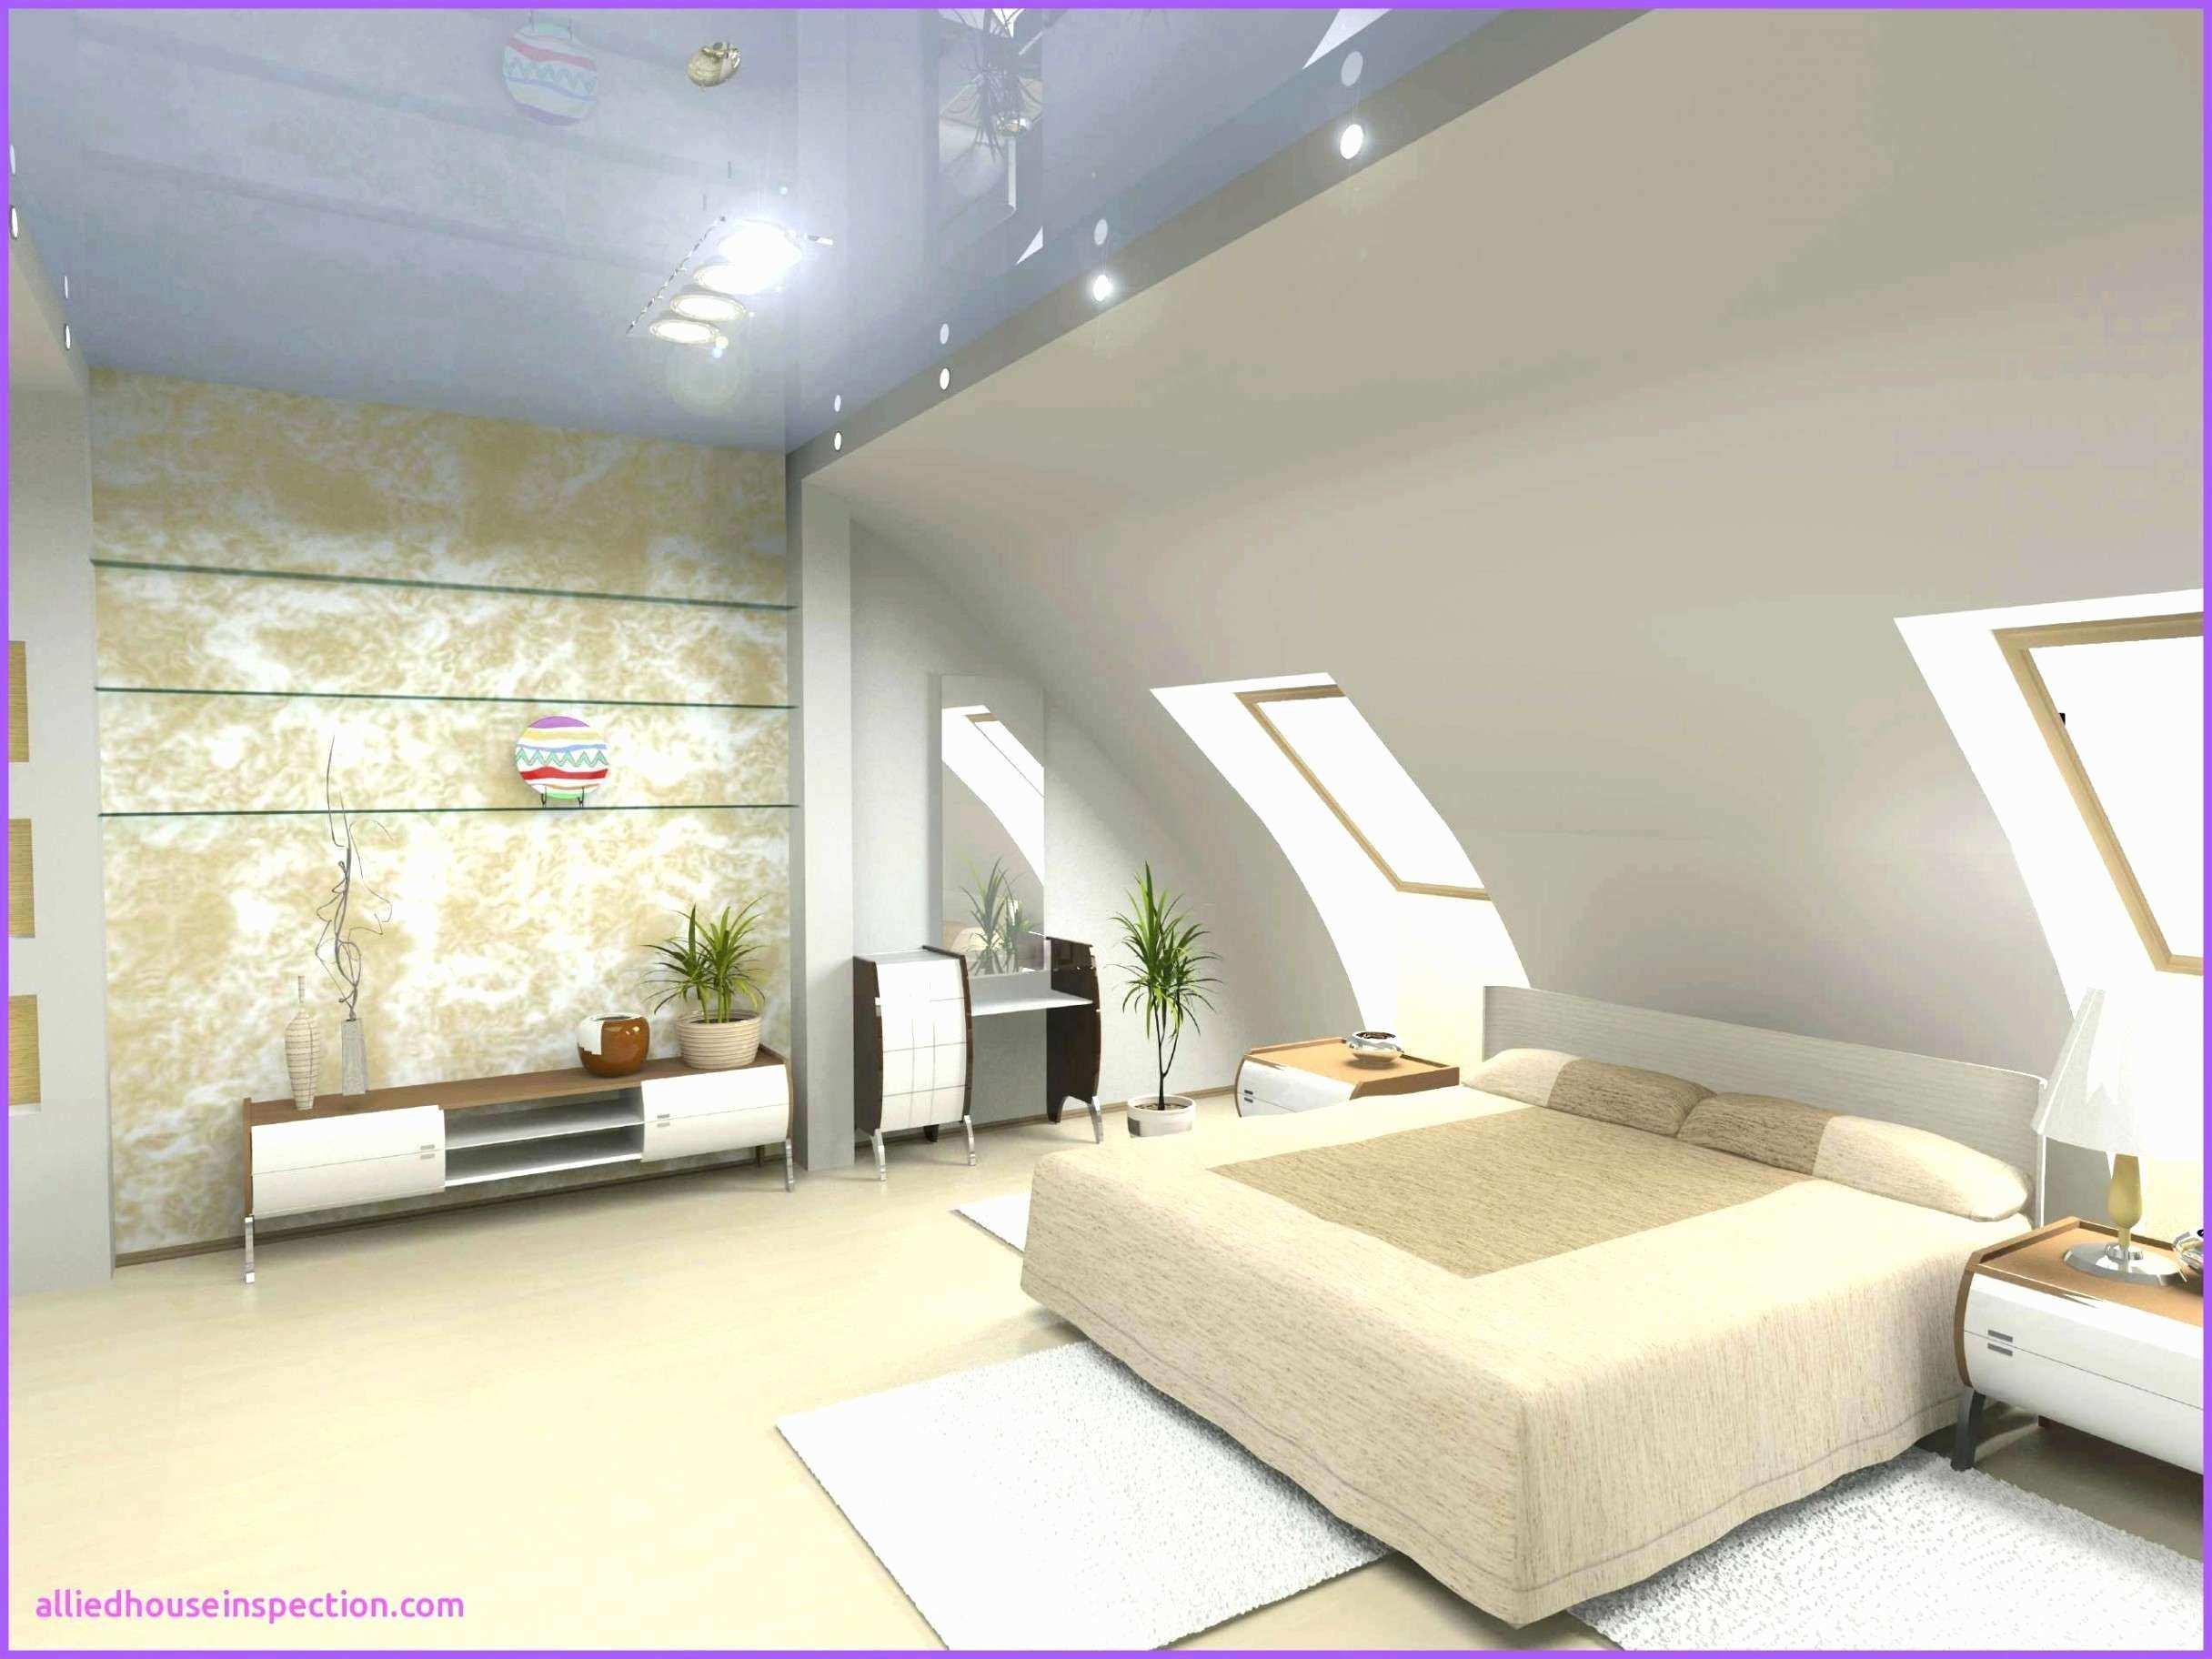 Full Size of Decke Beleuchtung Wohnzimmer Ideen Indirektes Licht Caseconradcom Led Küche Sofa Kleines Deckenlampen Für Deckenleuchte Schlafzimmer Modern Lampen Teppich Wohnzimmer Decke Beleuchtung Wohnzimmer Ideen